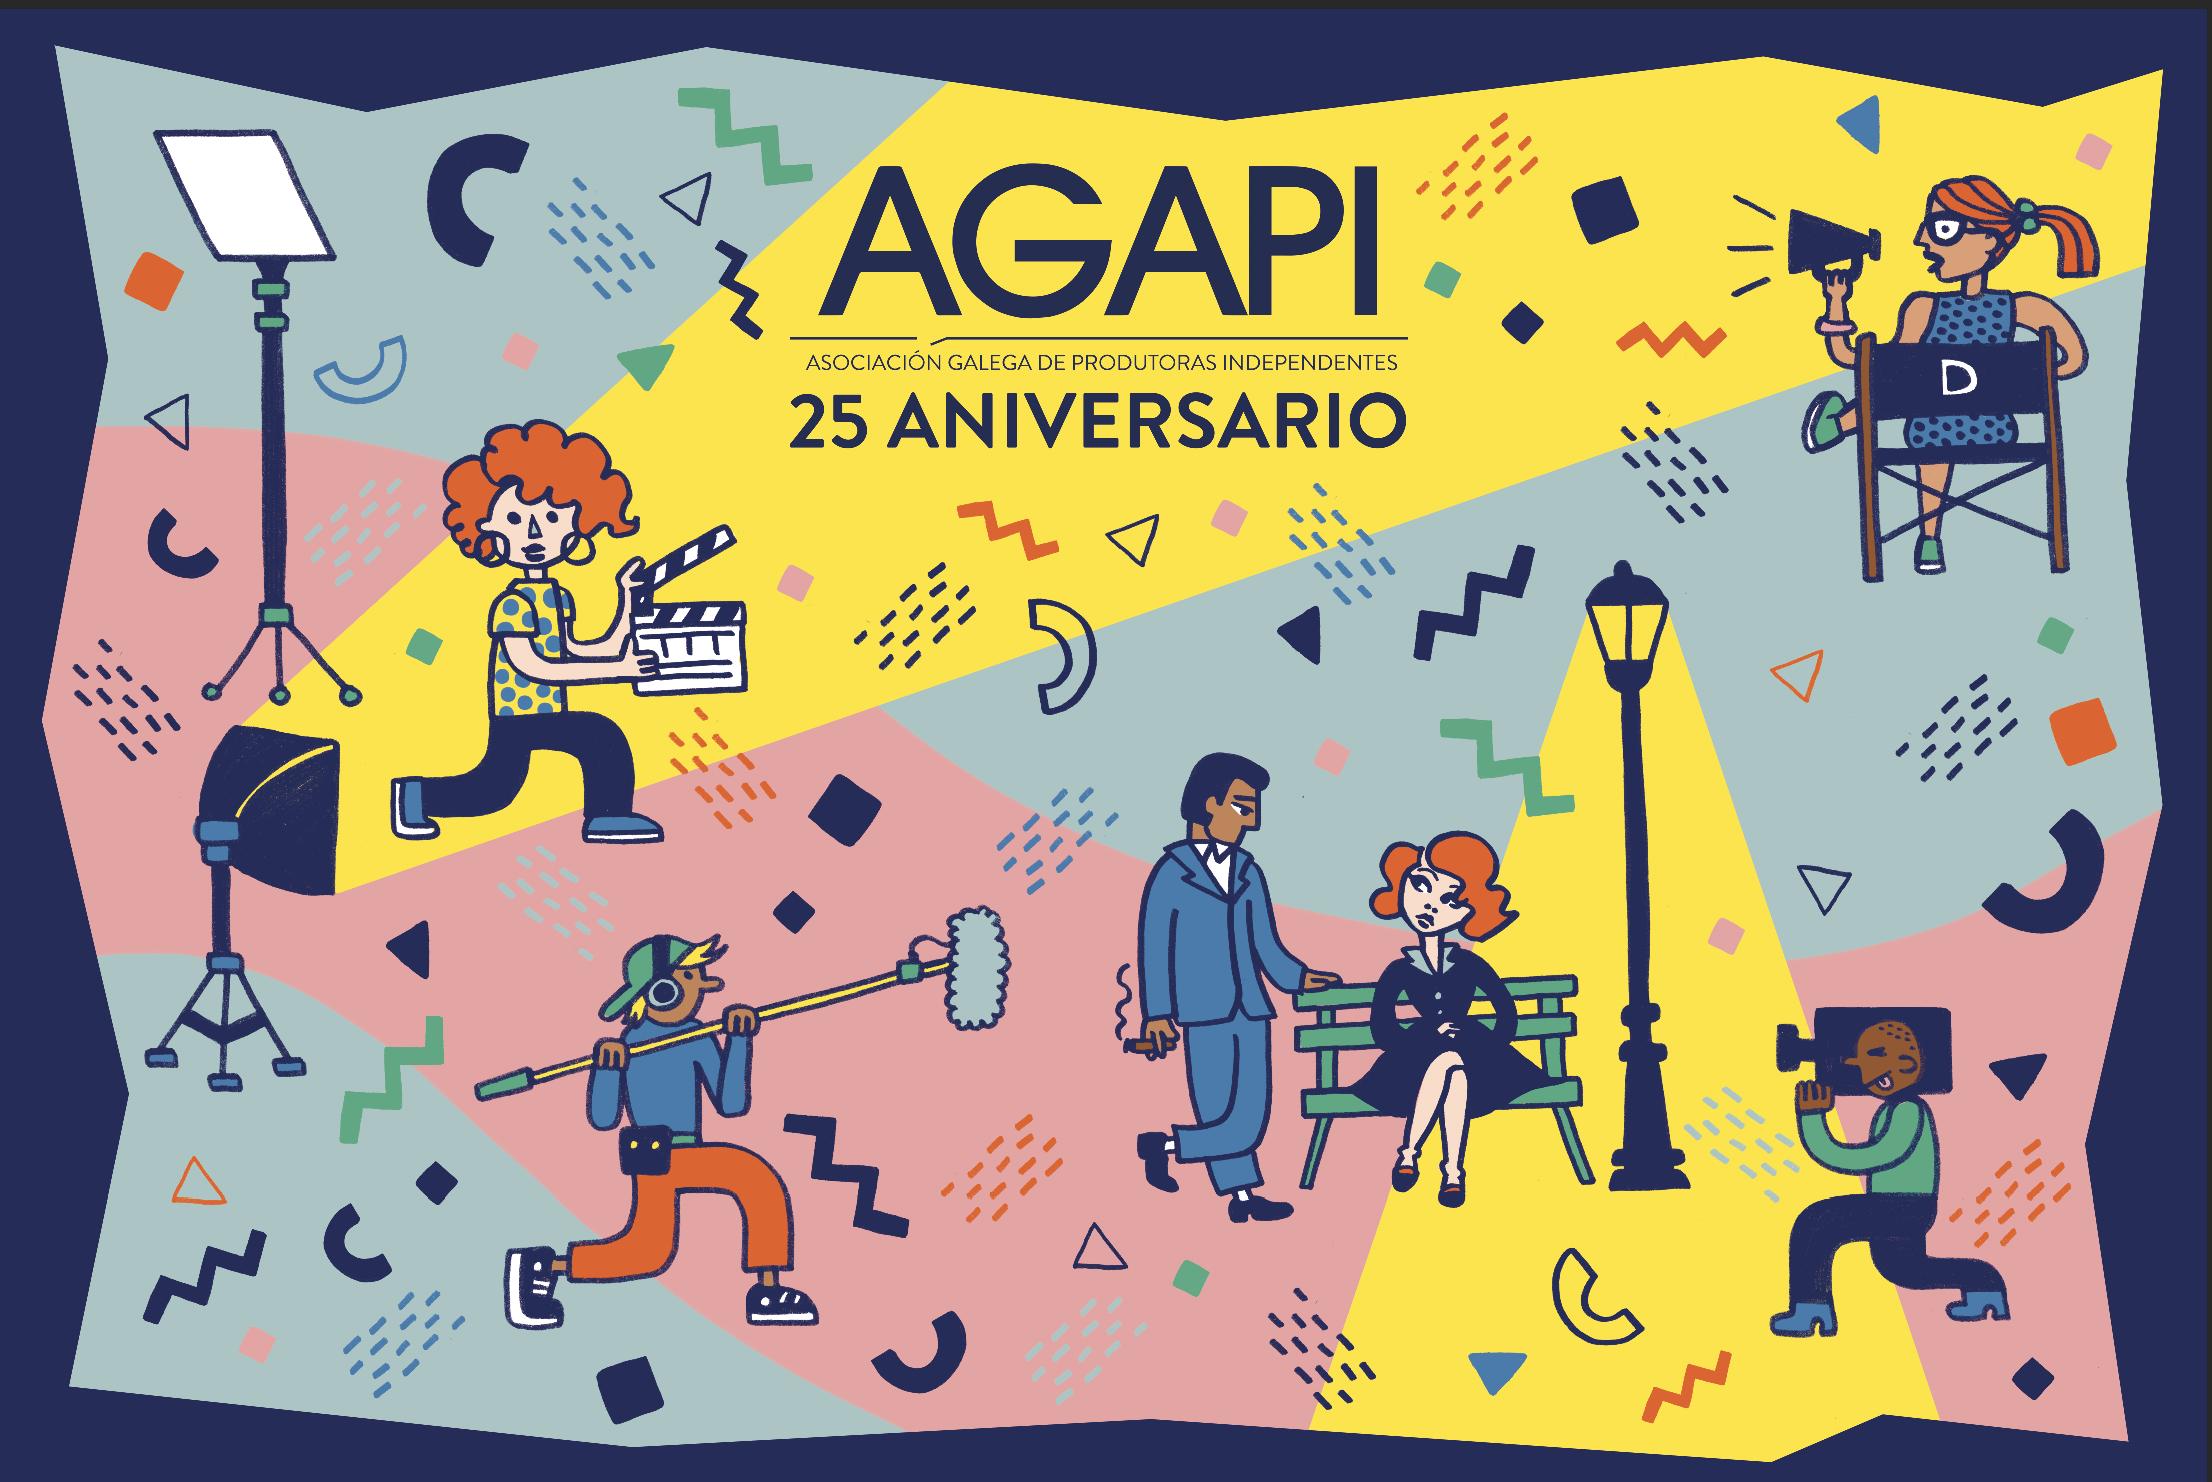 AGAPI presenta unha nova web agapi.gal con imaxe renovada